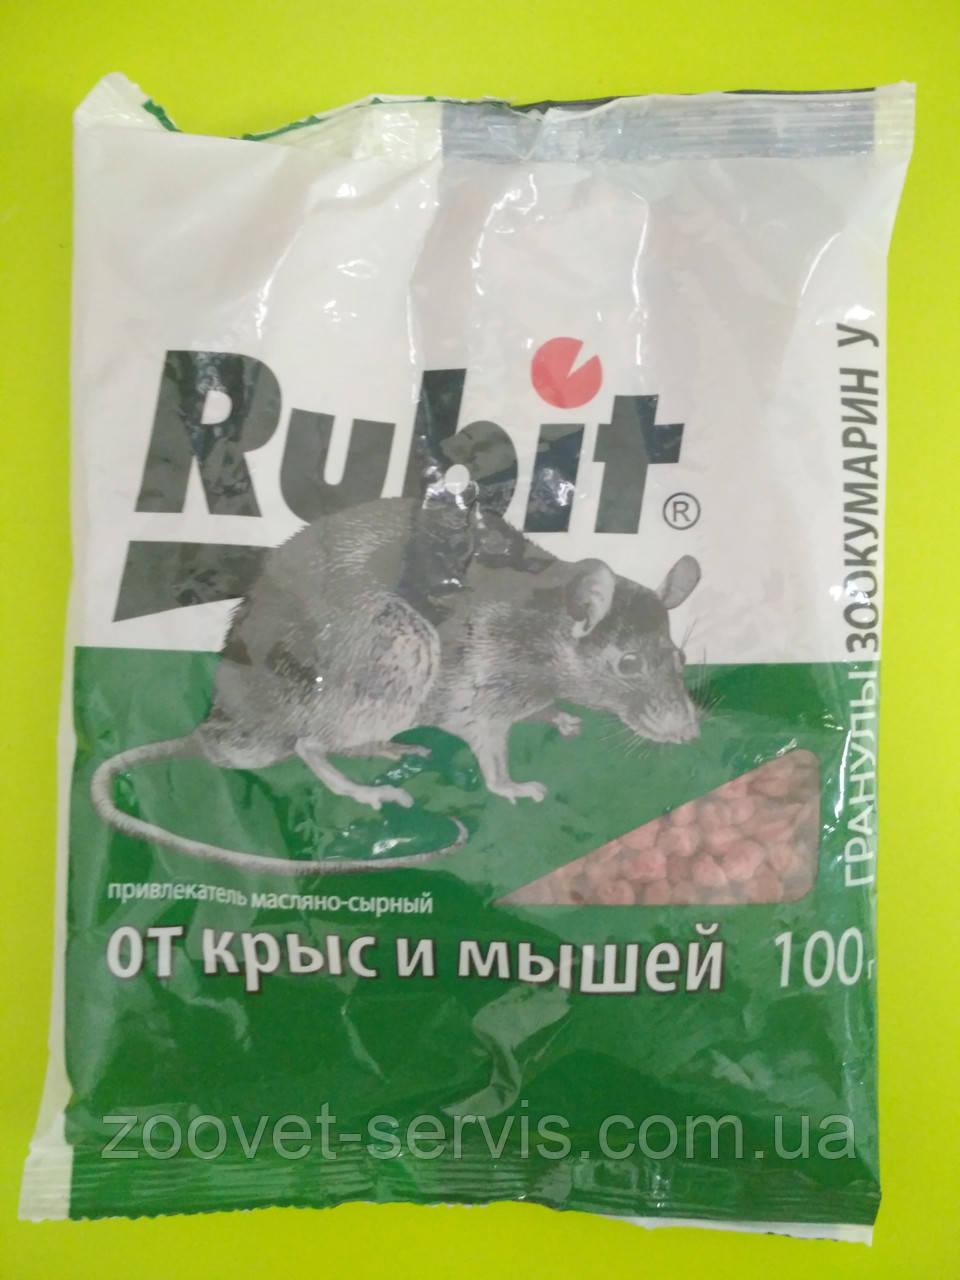 Гранулы от крыс и мышей Рубит - масляно-творожный аромат 100 г